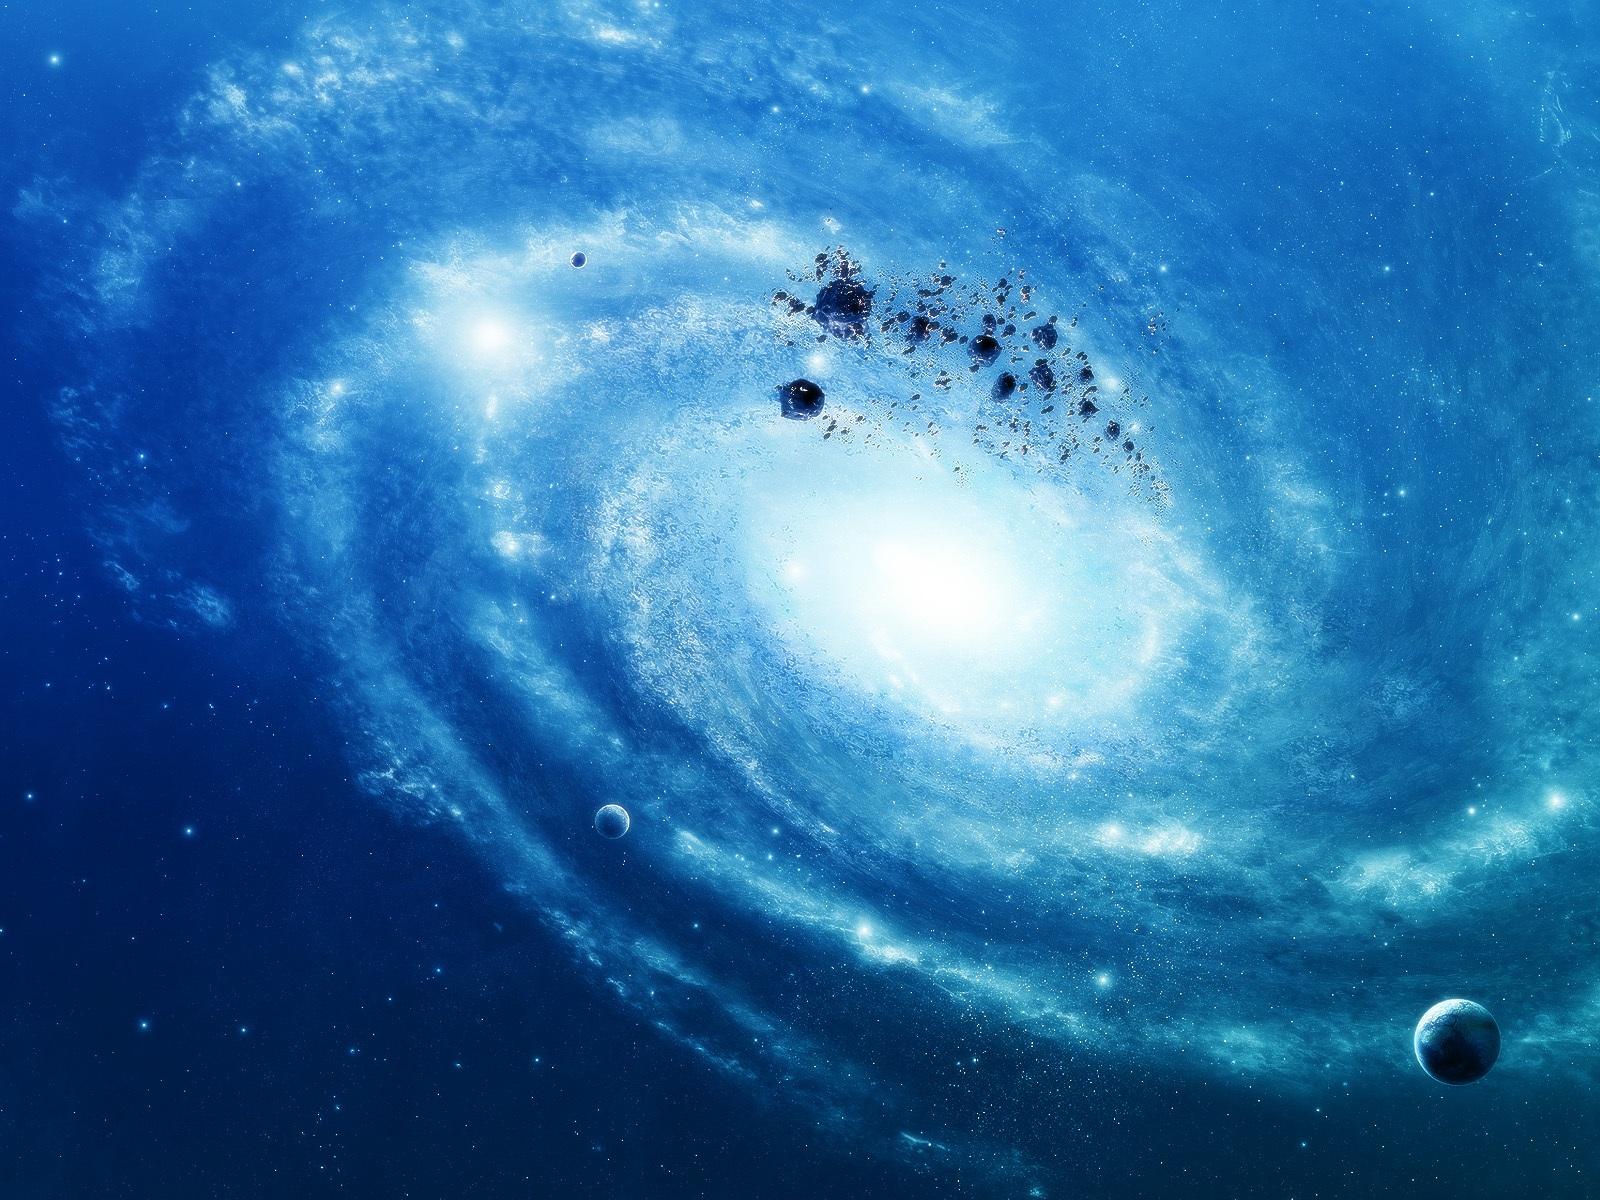 Pantalla 1600x1200 Fondos De Descarga Estrellas Azules Galaxia Fondos